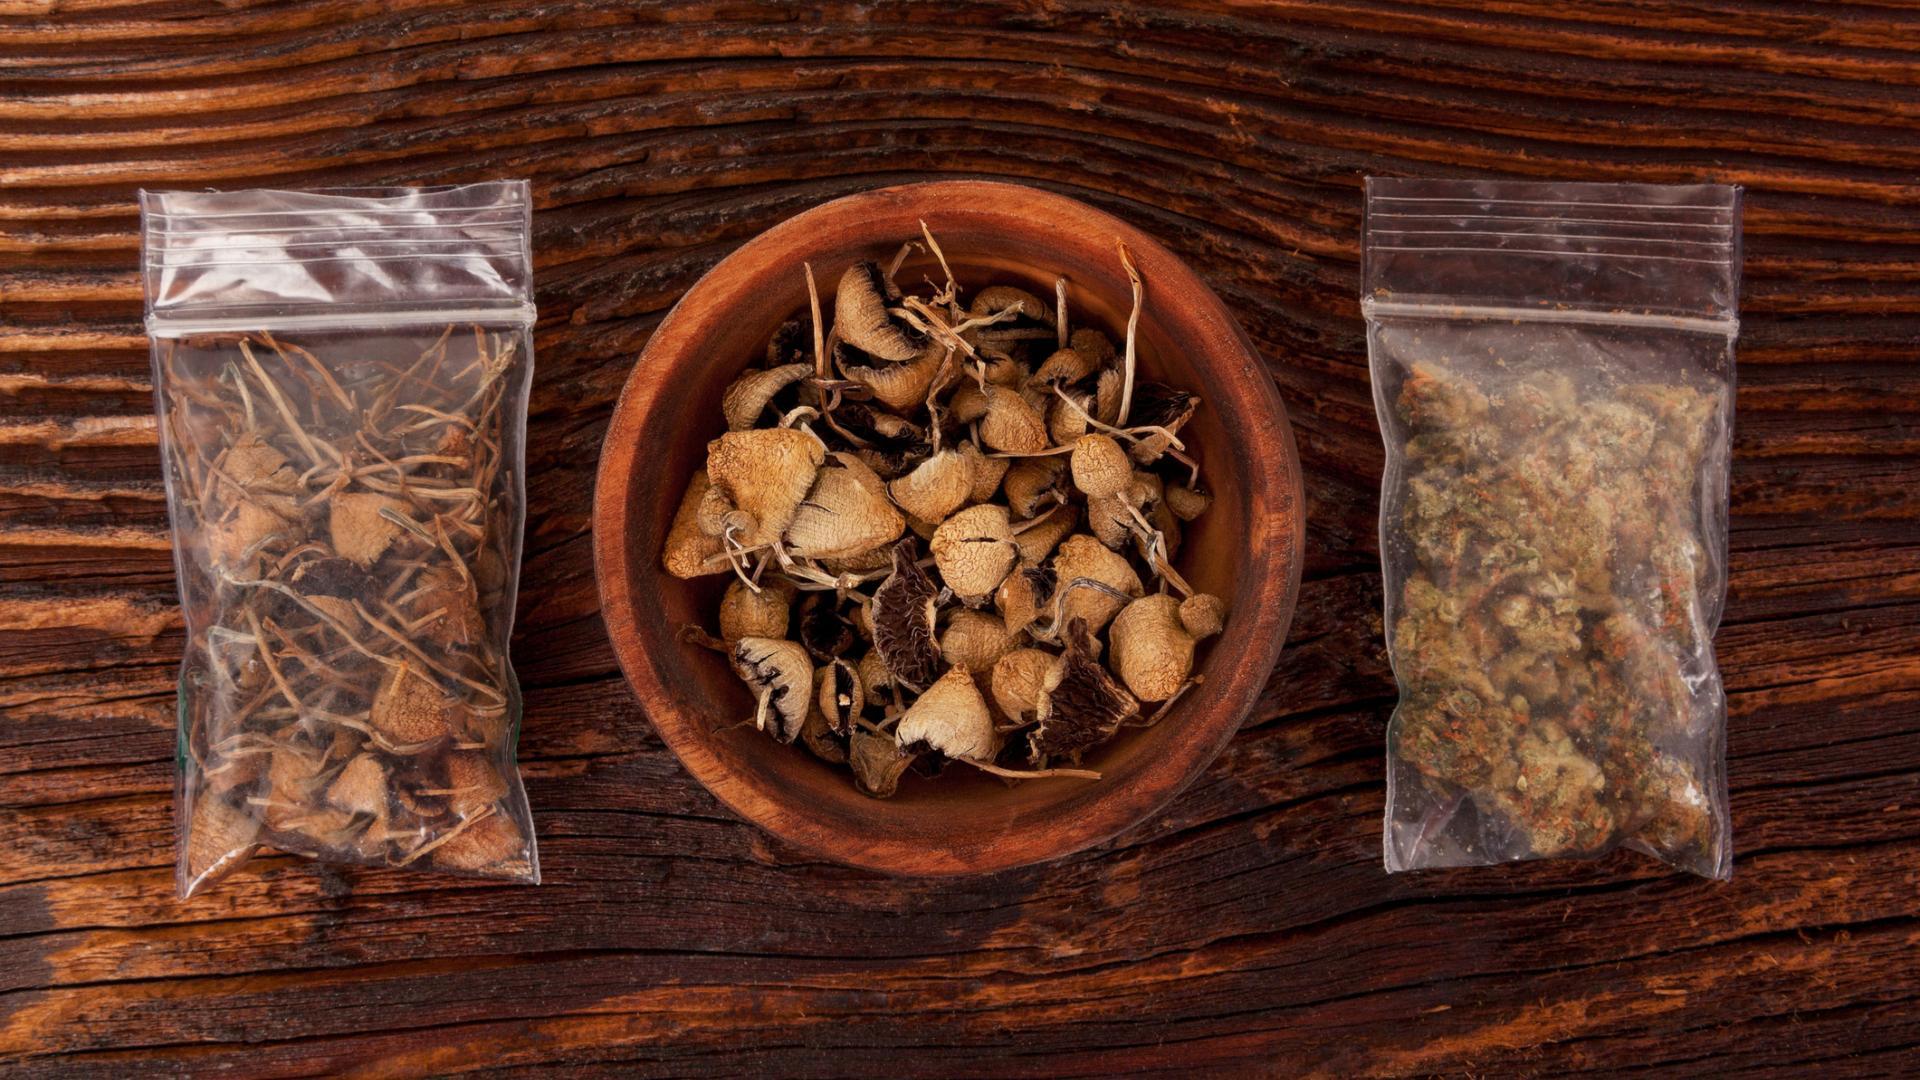 Pilze Psylocibin Magic Mushrooms